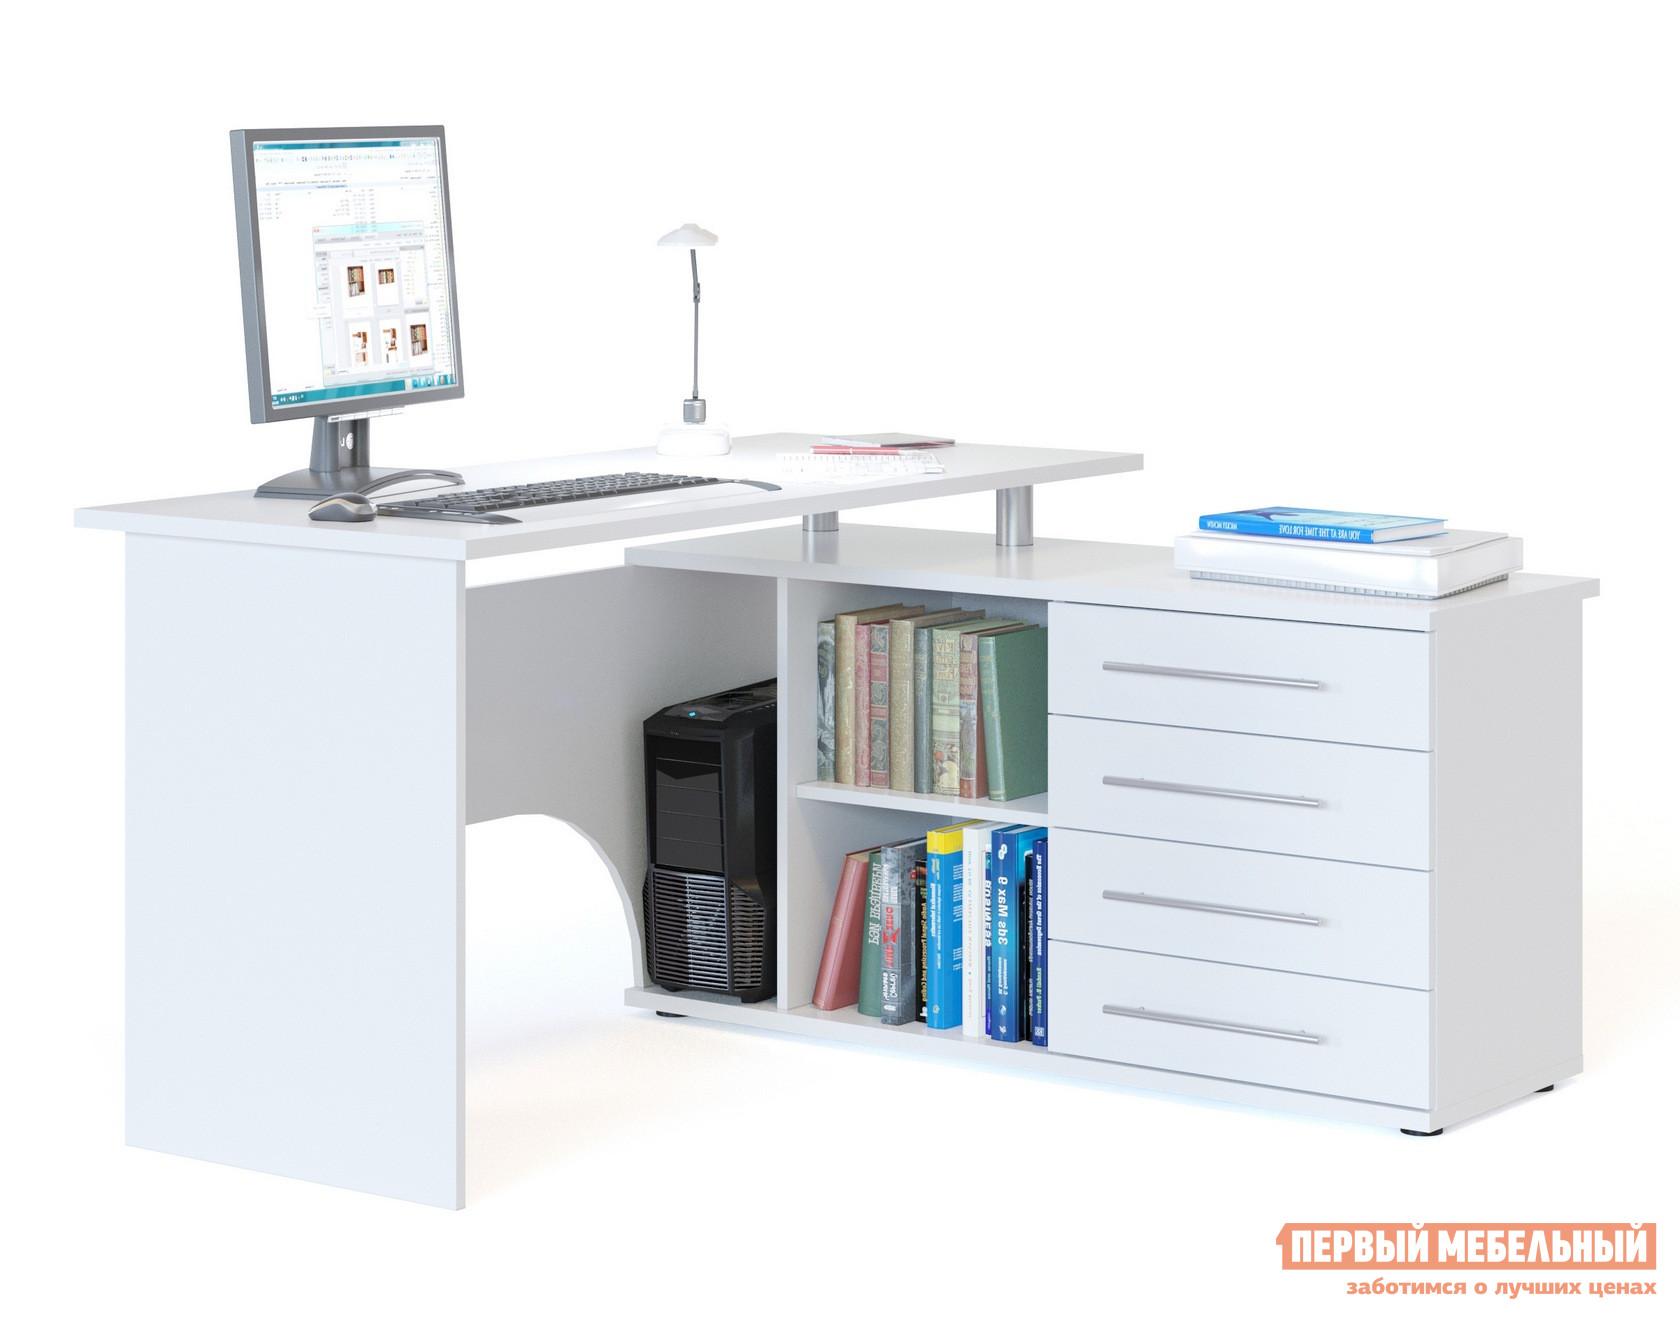 Письменный стол Сокол КСТ-109 Белый, ЛевыйПисьменные столы для офиса<br>Габаритные размеры ВхШхГ 750x1400x1270 мм. Угловой компьютерный стол с двумя рабочими поверхностями.  Основная столешница имеет ширину 1400 мм, позволяя разместить компьютер и рабочие материалы.  На малой столешнице — 1200 мм, удобно держать под рукой книги, папки, канцелярию. Стол оборудован тумбой с четырьмя ящиками, открытыми полками и нишей под системный блок.  Такая модель компьютерного стола позволяет организовать функциональную рабочую зону как в домашнем кабинете, так и в офисе. Особенность модели — задняя стенка из ЛДСП, что позволит расположить стол не только у стены, но и в любом удобном месте, не нарушая интерьерной композиции. Внутренний размер ящиков — 456 х 346 мм. Размер ниши под системный блок (ВхШхГ) — 565 х 220 х 440 мм. Обратите внимание! Стол может быть с правым или левым углом (определяется по расположению тумбы).  При оформлении заказа нужно выбрать необходимую ориентацию. Столешница и основание тумбы выполняются из ЛДСП 22 мм с кромкой ПВХ 2 мм, остальные детали — ЛДСП 16 мм с кромкой ПВХ 0,4 мм.   Рекомендуем сохранить инструкцию по сборке (паспорт изделия) до истечения гарантийного срока.<br><br>Цвет: Белый<br>Высота мм: 750<br>Ширина мм: 1400<br>Глубина мм: 1270<br>Кол-во упаковок: 2<br>Форма поставки: В разобранном виде<br>Срок гарантии: 3 года<br>Тип: Угловые<br>Материал: Дерево<br>Материал: ЛДСП<br>Размер: Большие<br>Размер: Ширина 140 см<br>С ящиками: Да<br>С тумбой: Да<br>С полками: Да